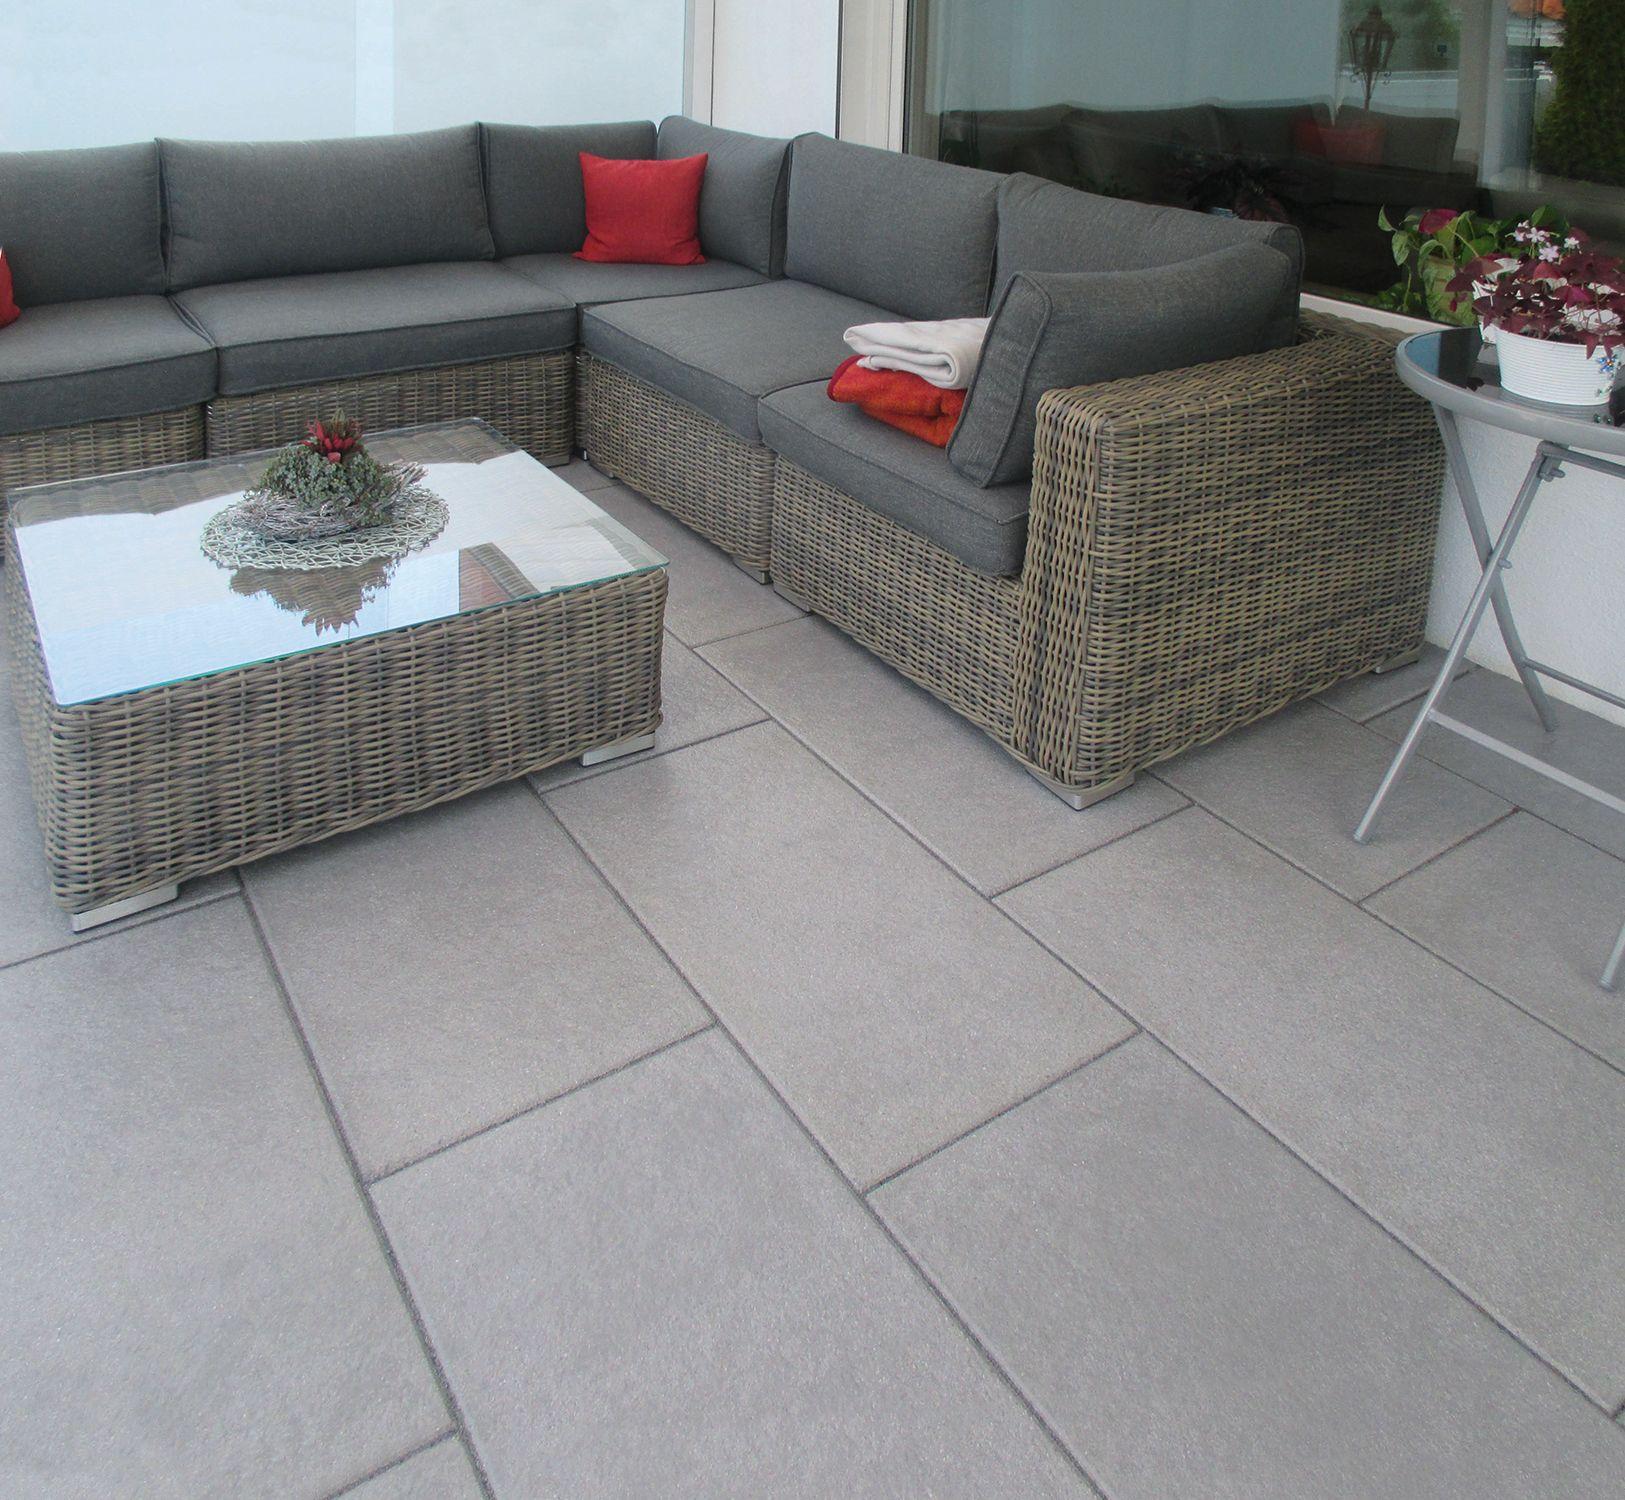 Grossformatige Terrassenplatten Die Belgische Mittelgrau In 80x40 Cm Terrassenplatten Terrasse Betonplatten